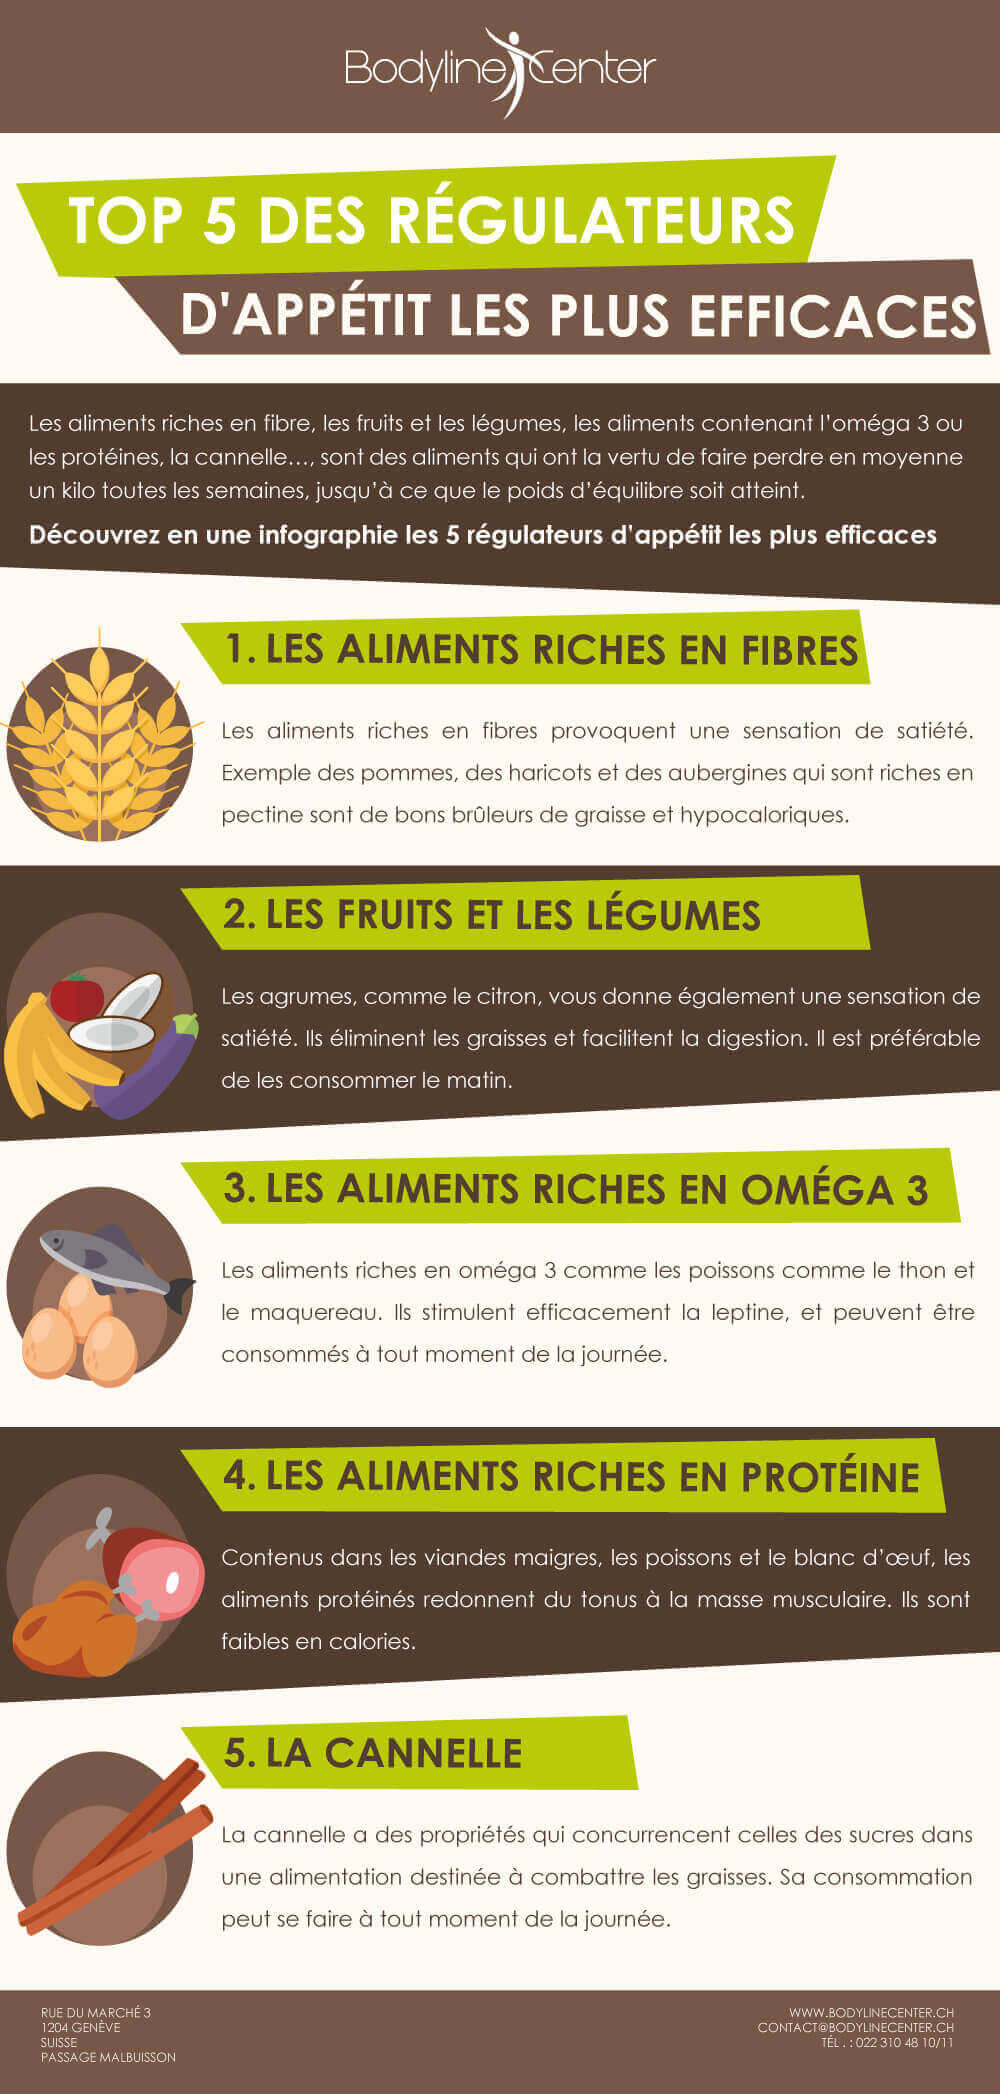 Infographie - les 5 régulateurs d'appétit les plus efficaces